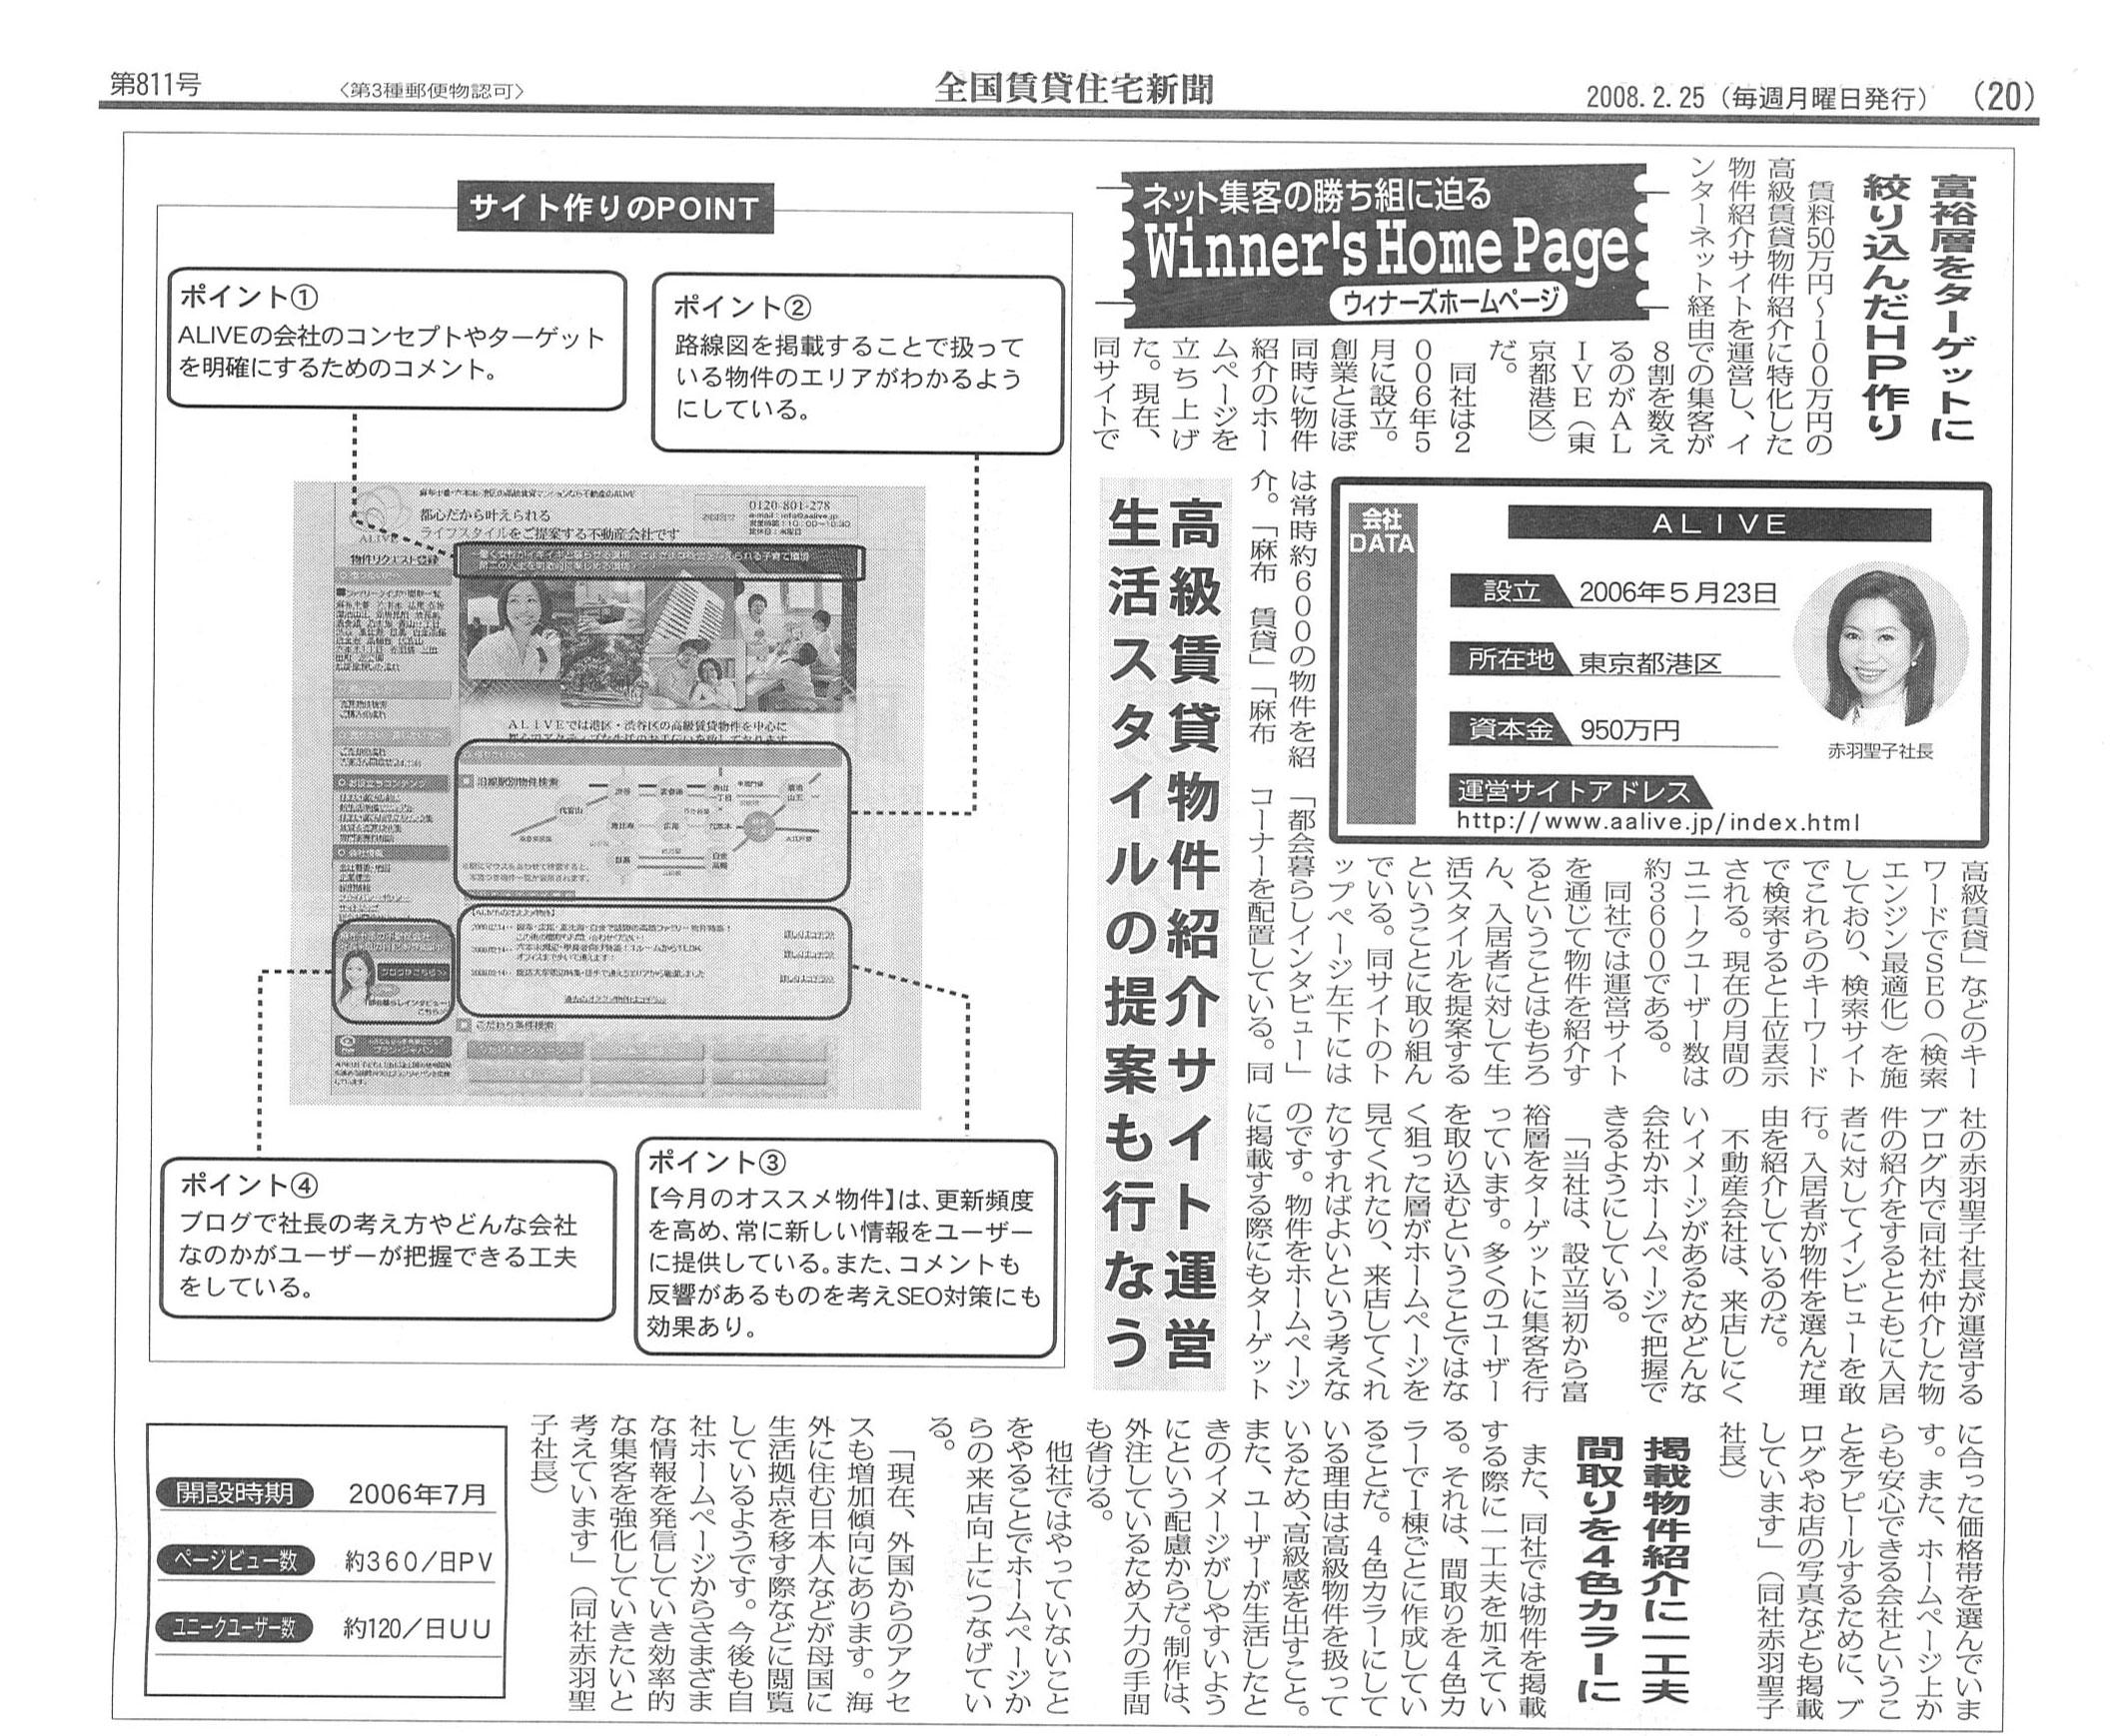 20080205弊社のWEB集客の方法が全国賃貸新聞社さんで掲載されました!